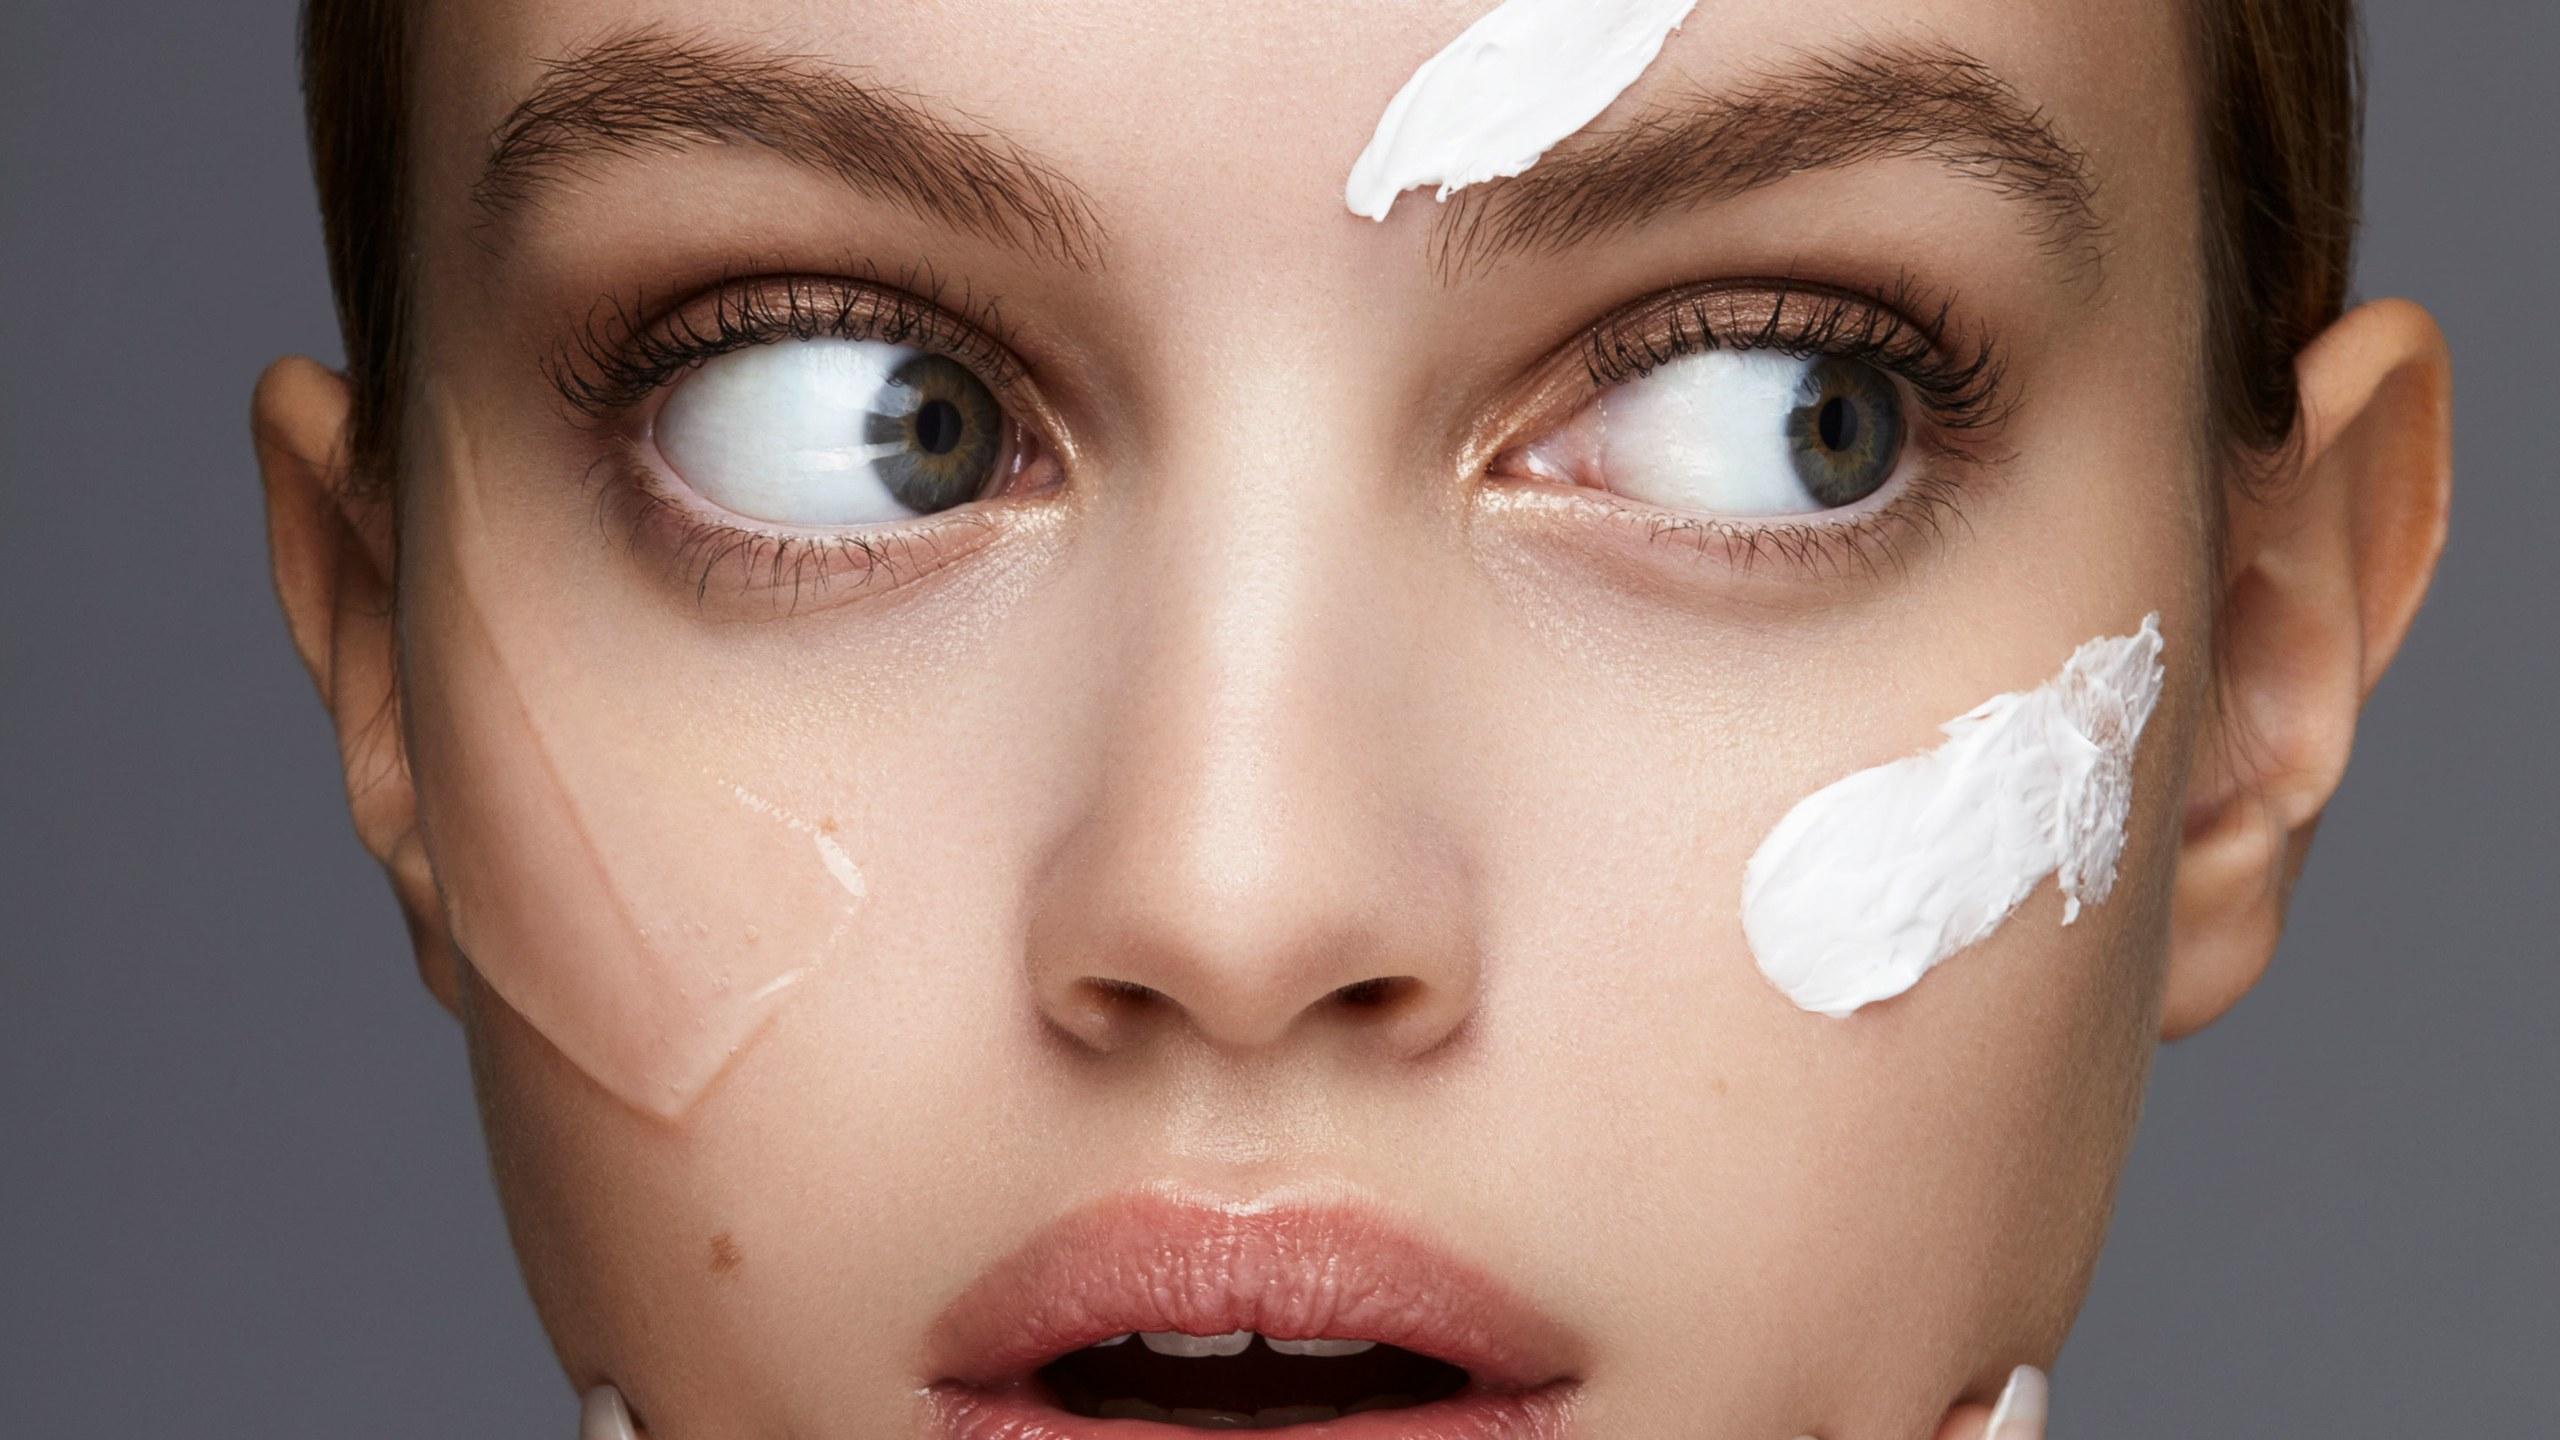 فواید و تاثیر پرایمر در تمیز بودن آرایش در فروشگاه آرایشی عطرونک